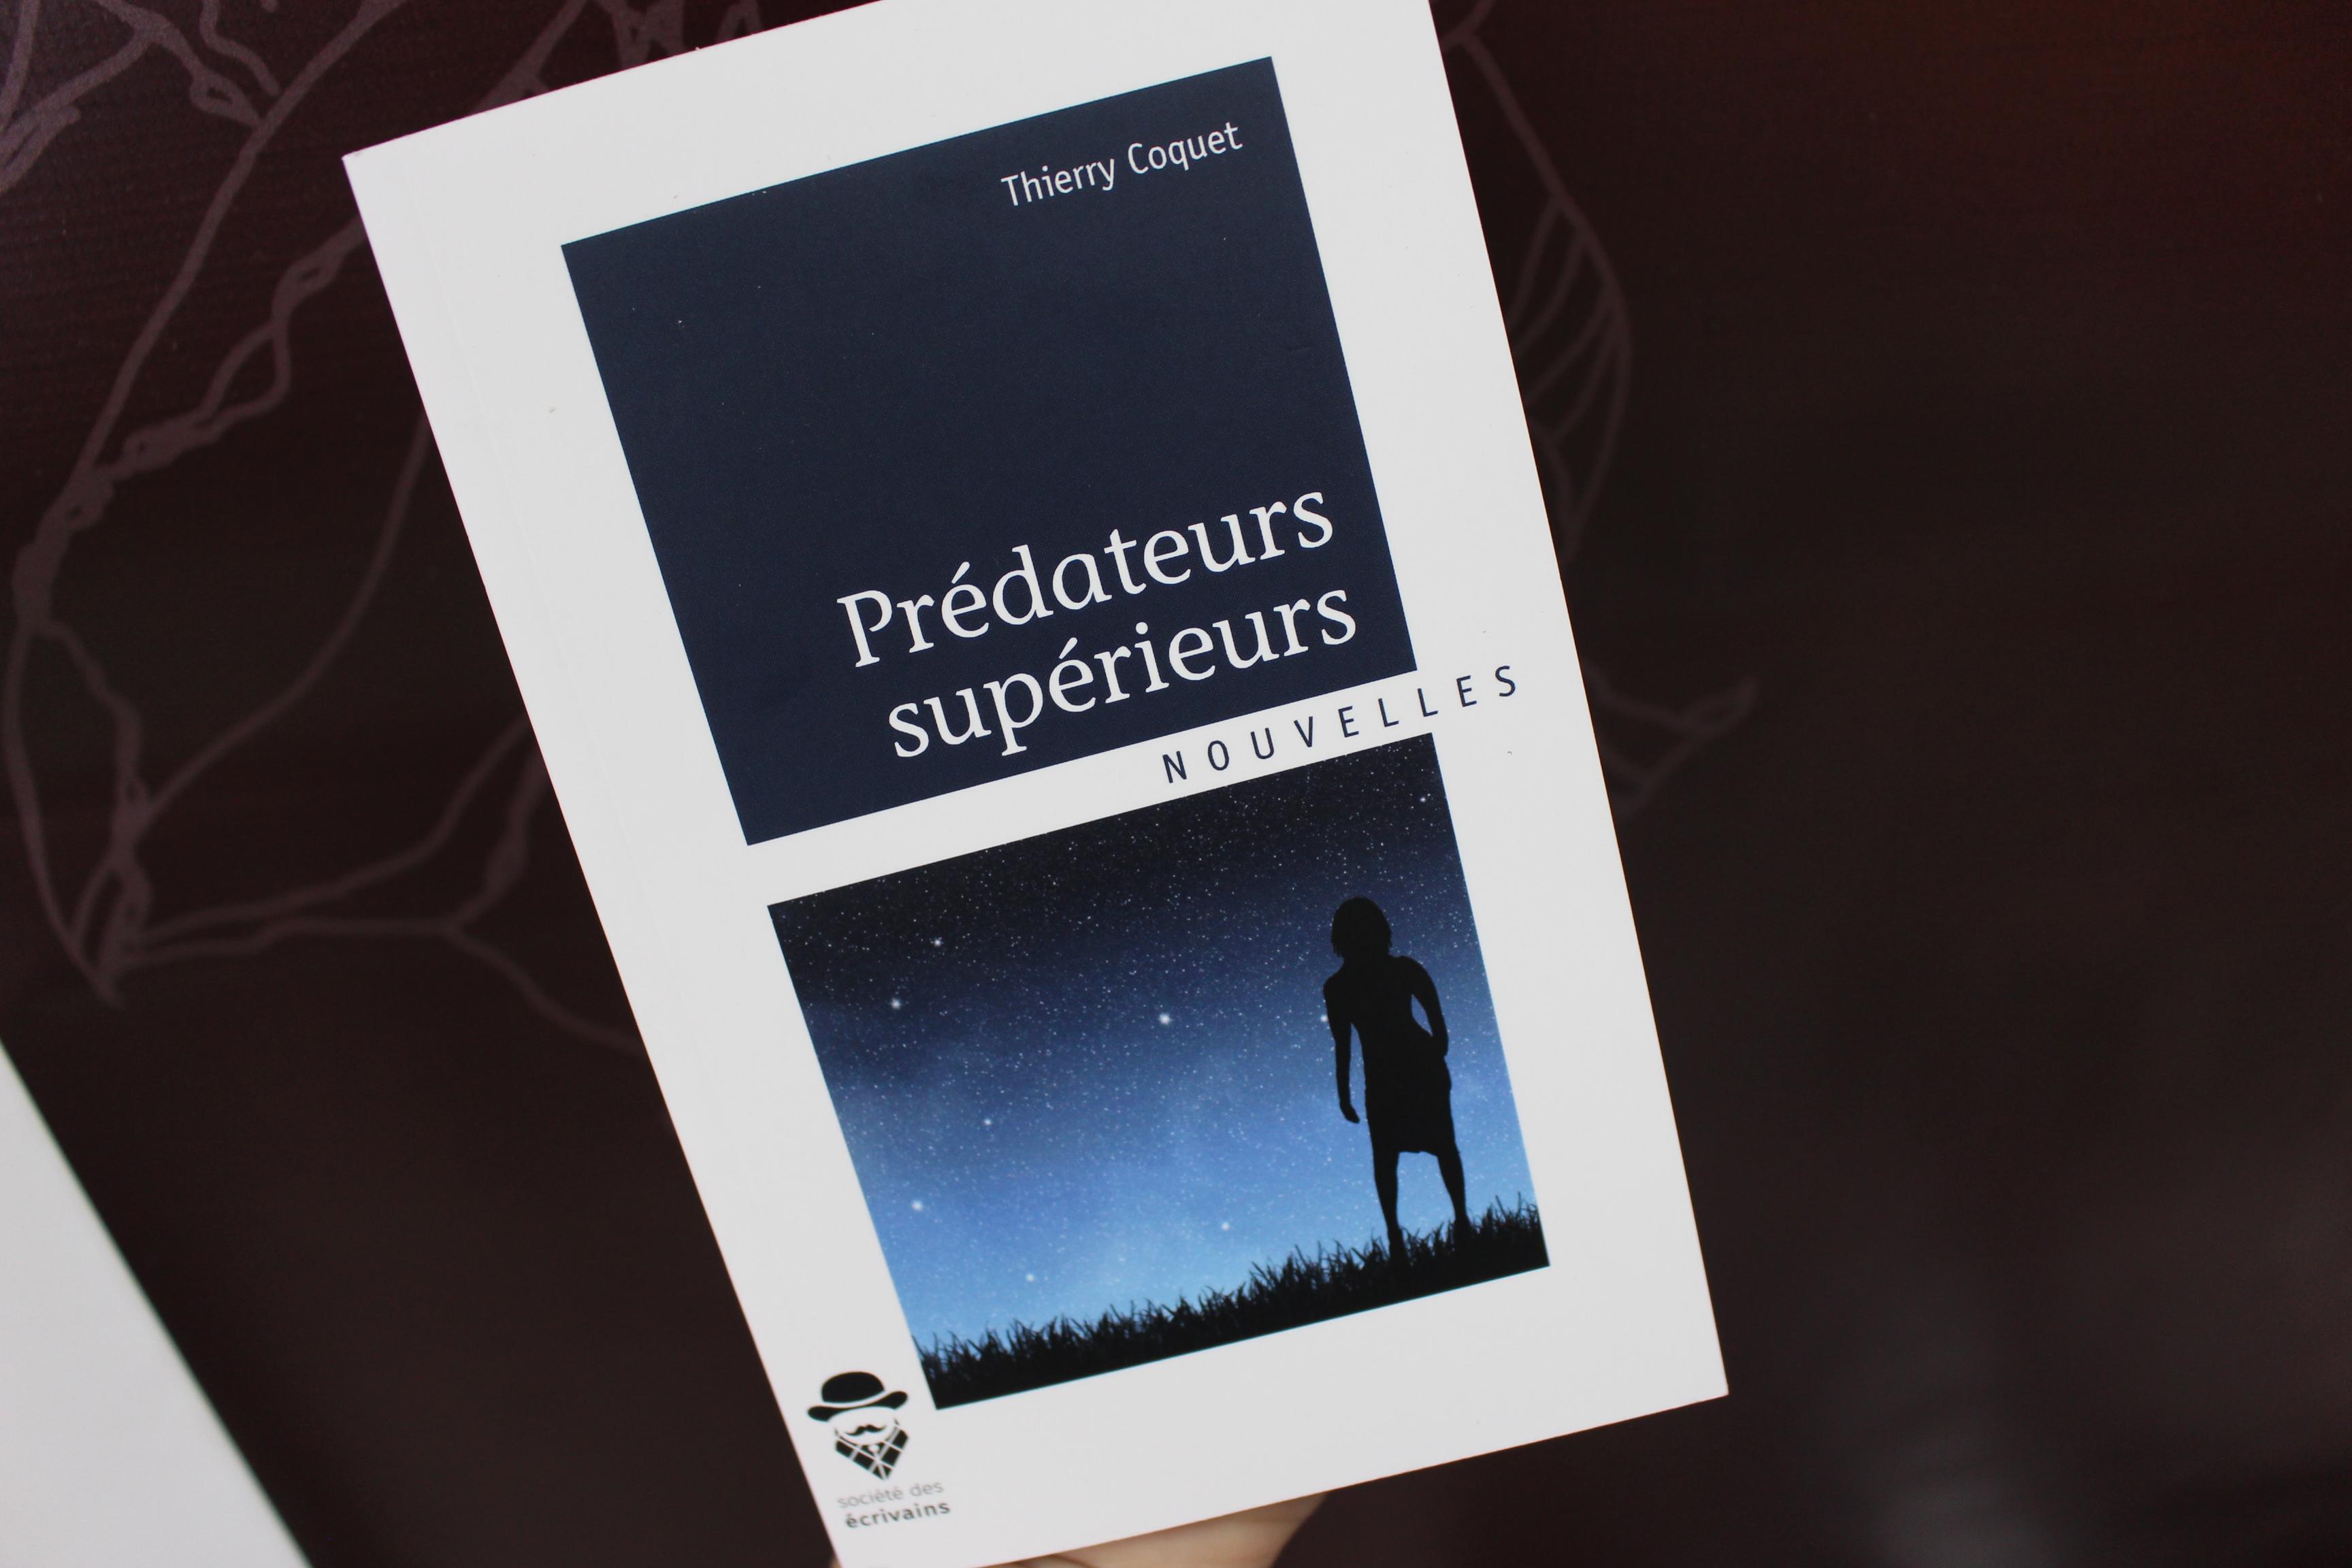 Prédateurs supérieurs, 1ère nouvelle publiée de Thierry Coquet